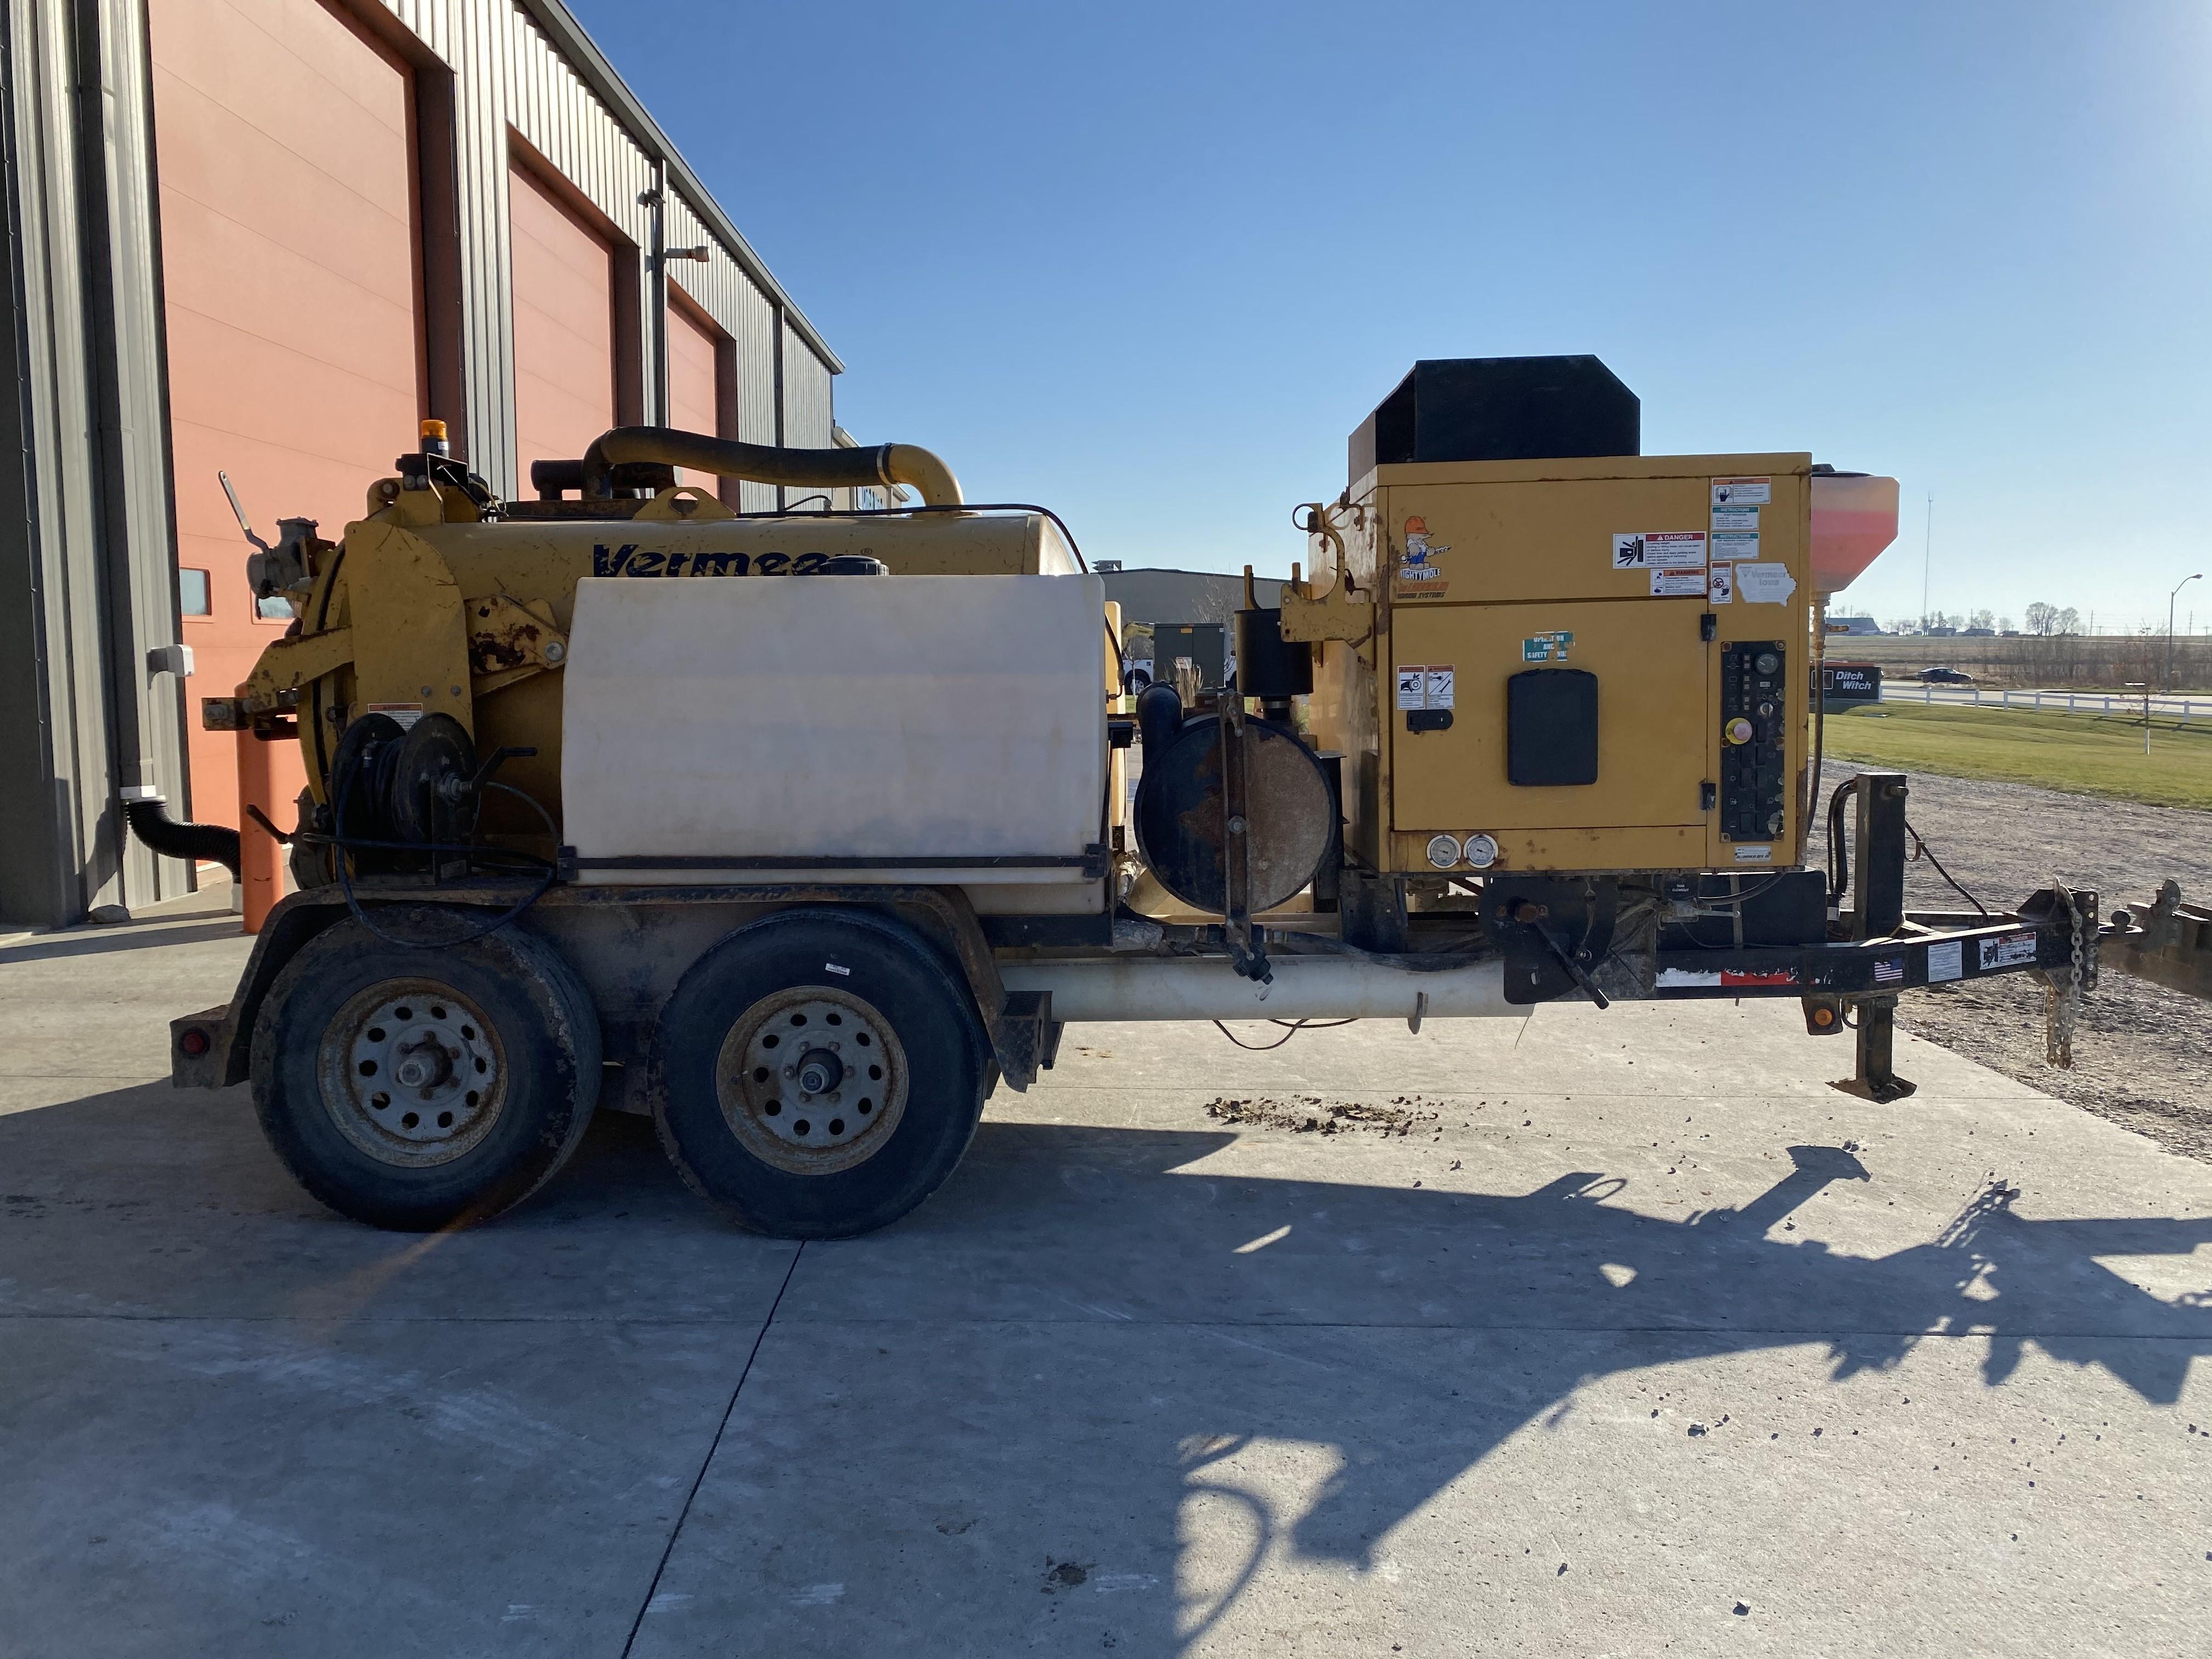 Used, 2012, Vermeer, MaLaughlin V500 500/200, Vacuum Excavators